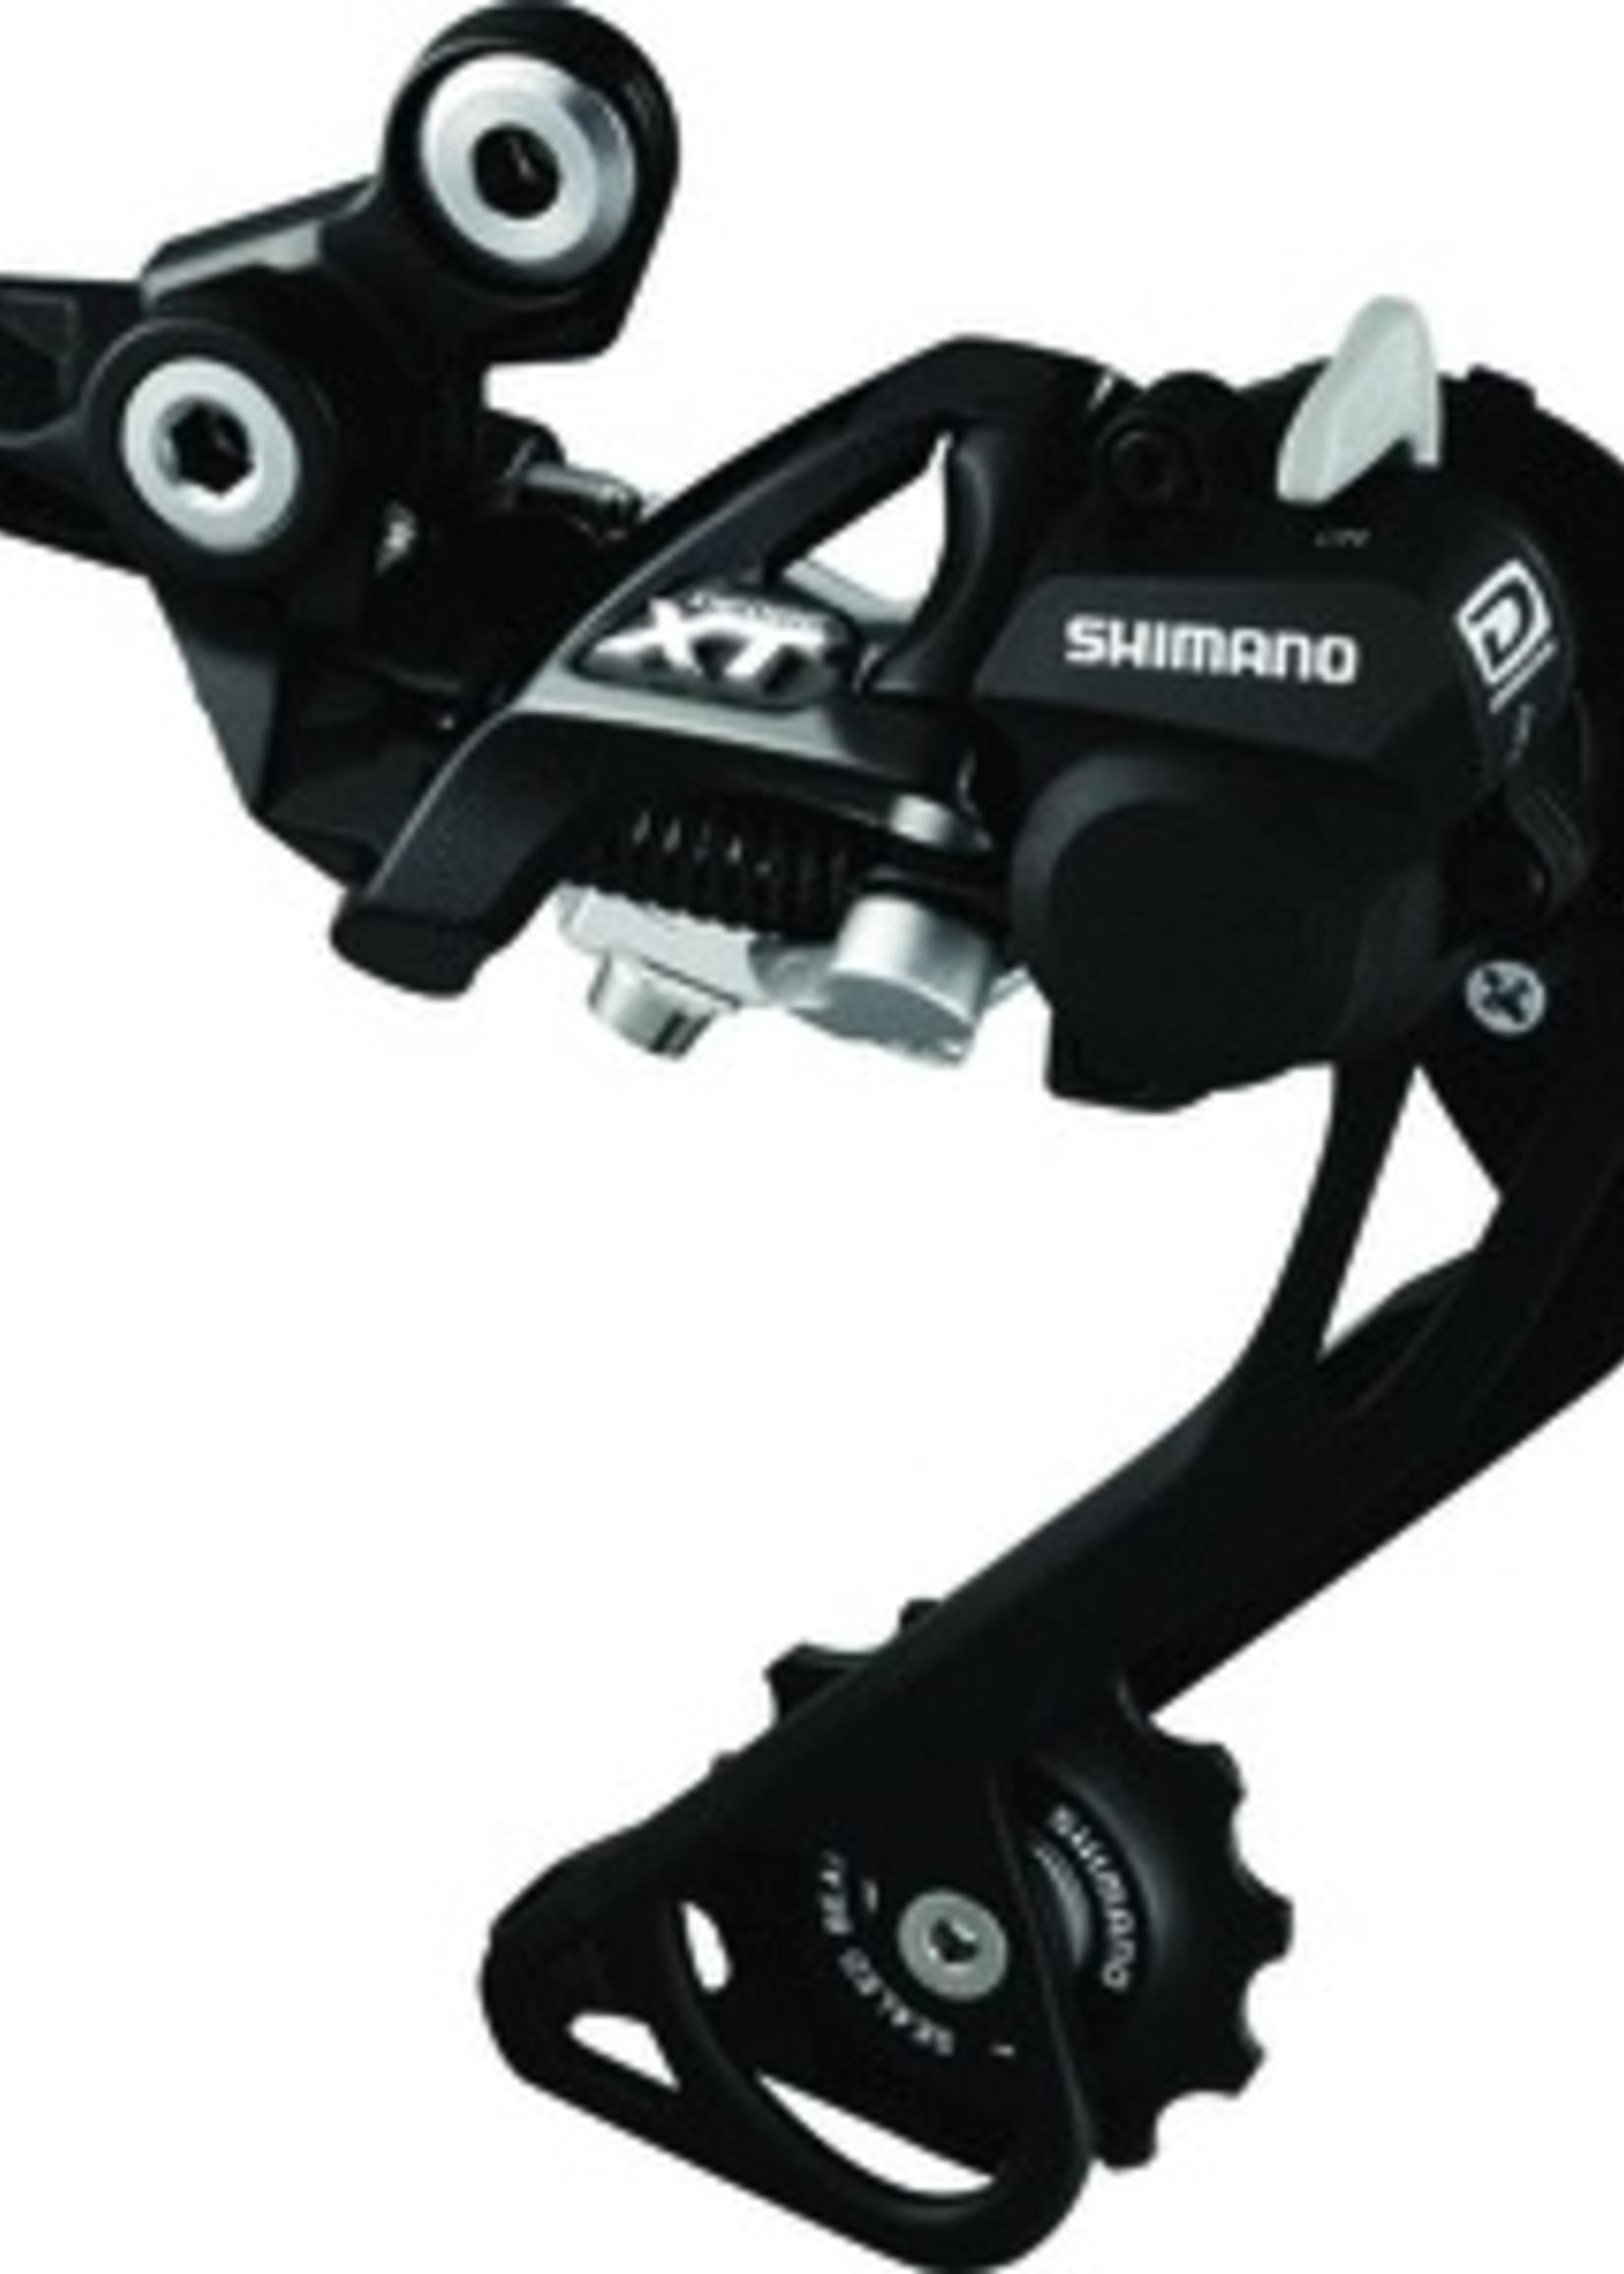 Shimano DERAILLEUR - XT rd-m786 SGS SHDW RDER SLV - WITH CLUTCH